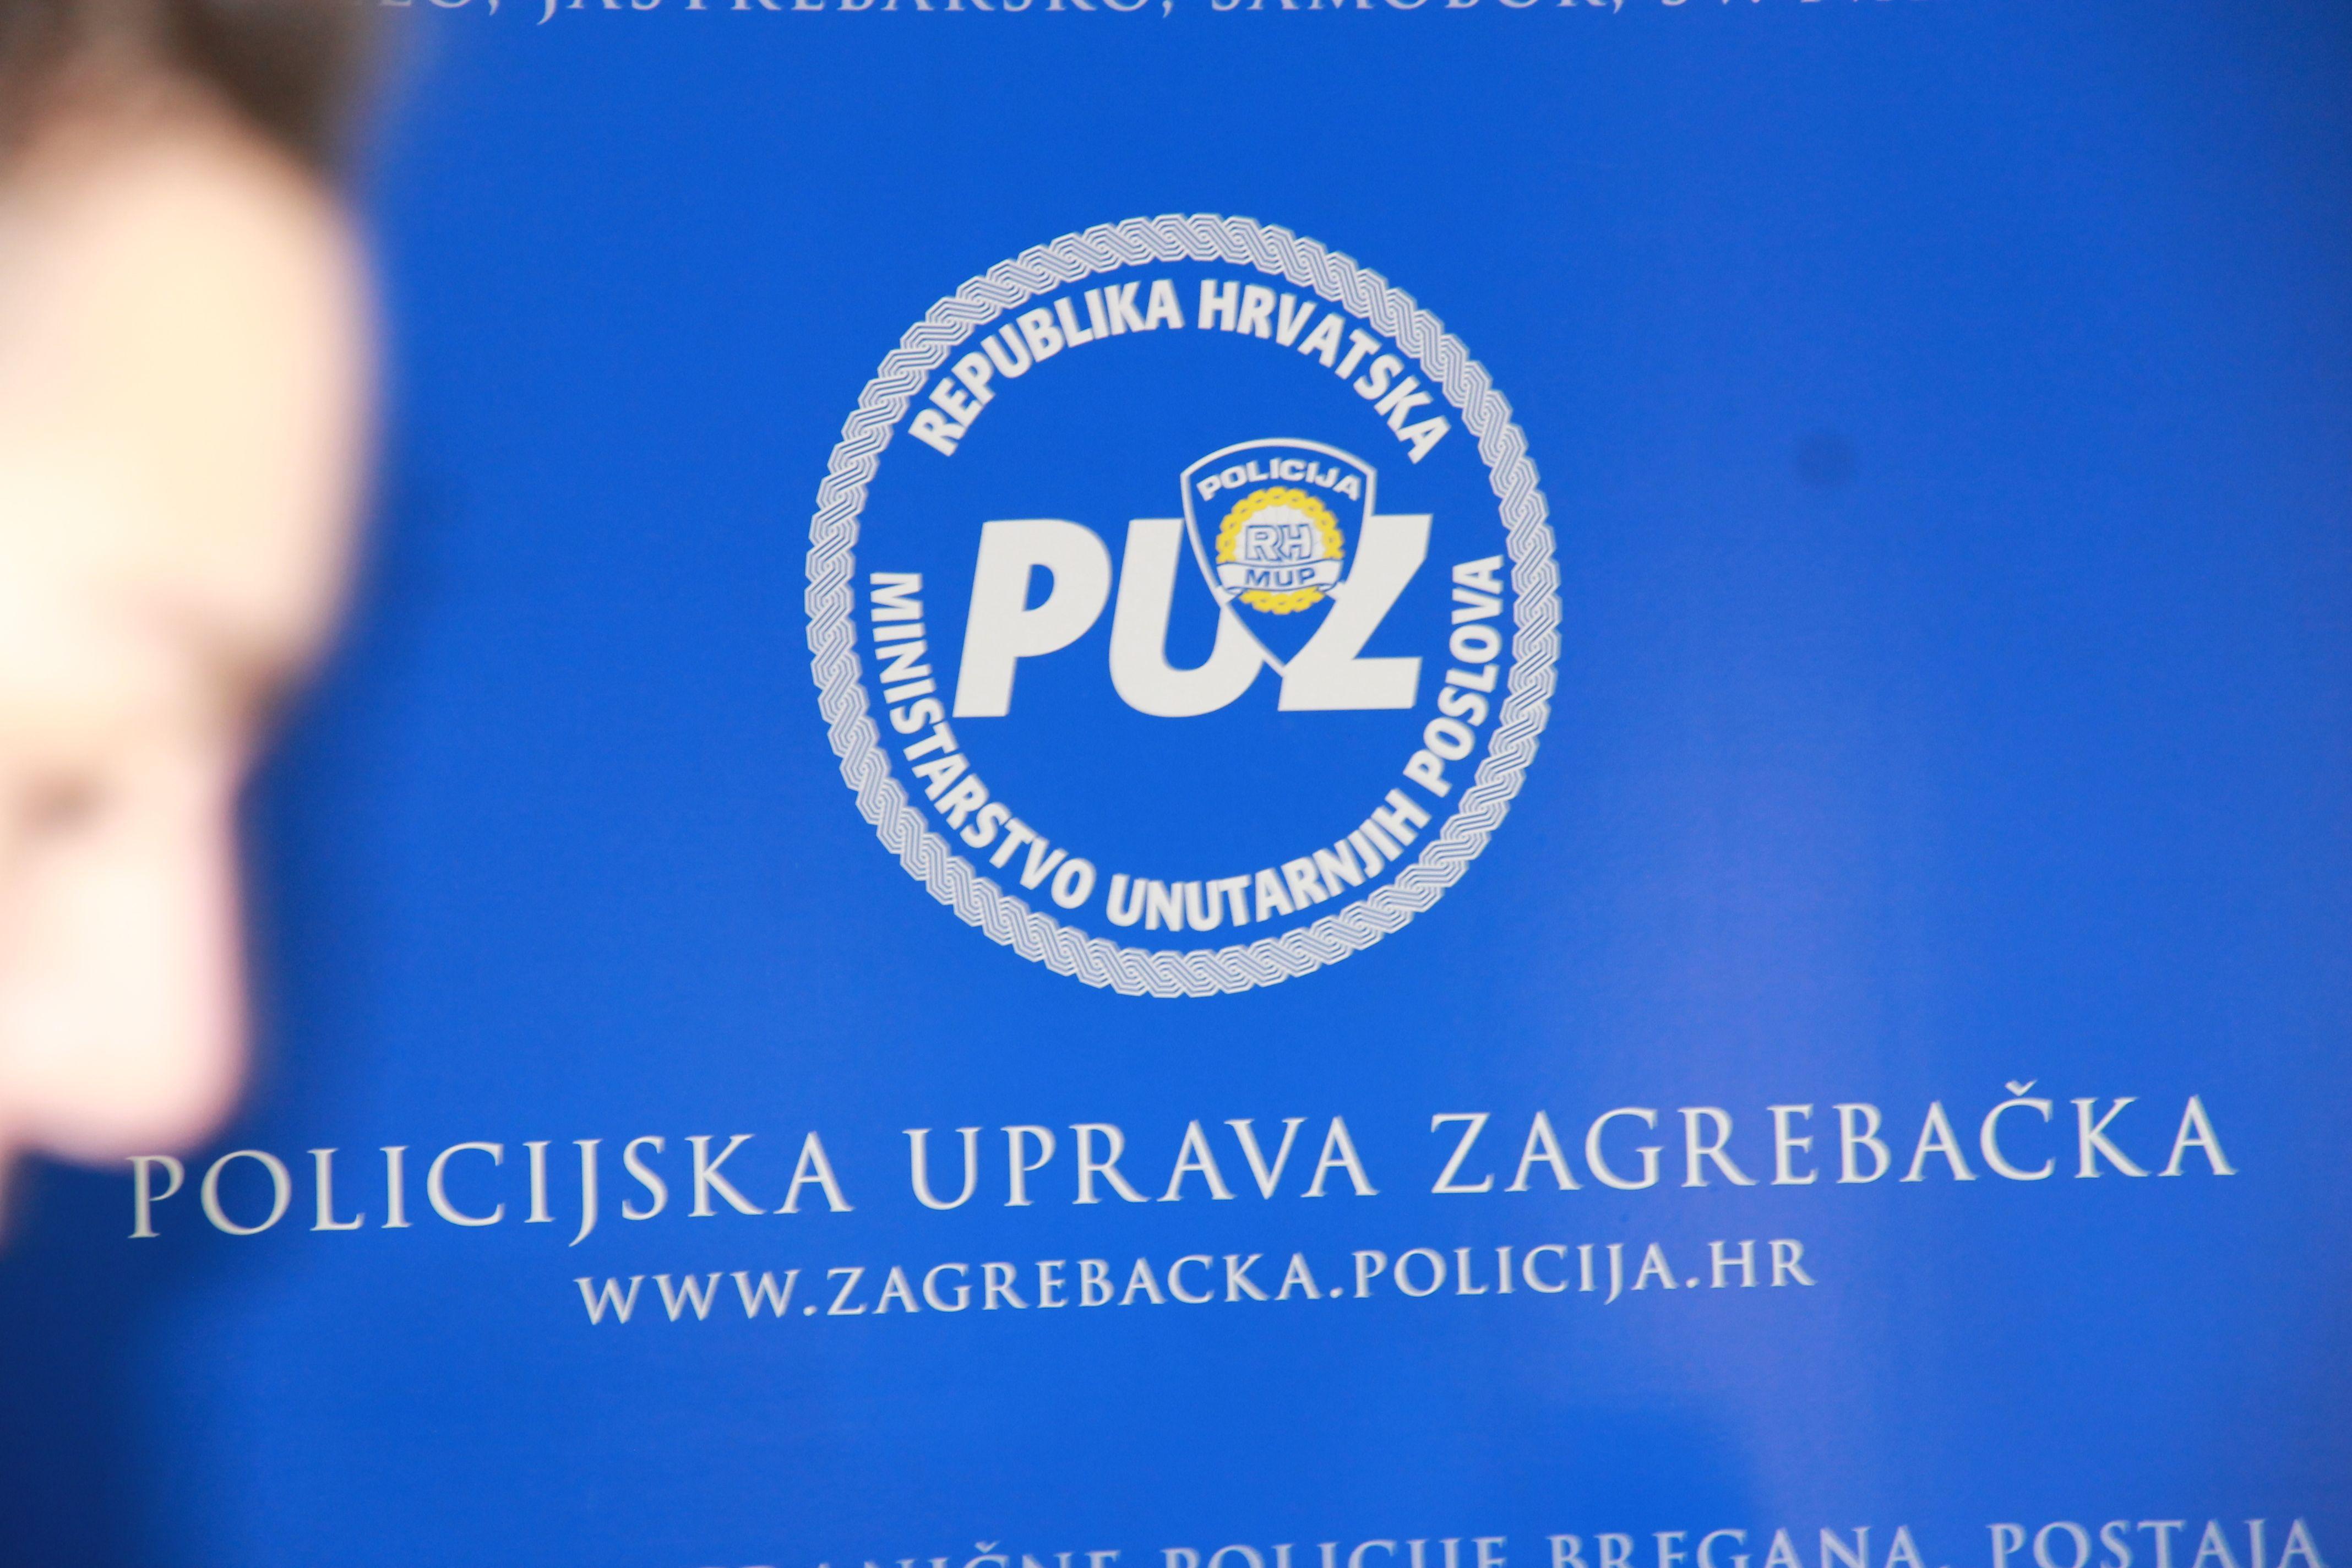 Zagrebačka policija: Novinar Indexa Gordan Duhaček priveden zbog neodazivanja na poziv policije